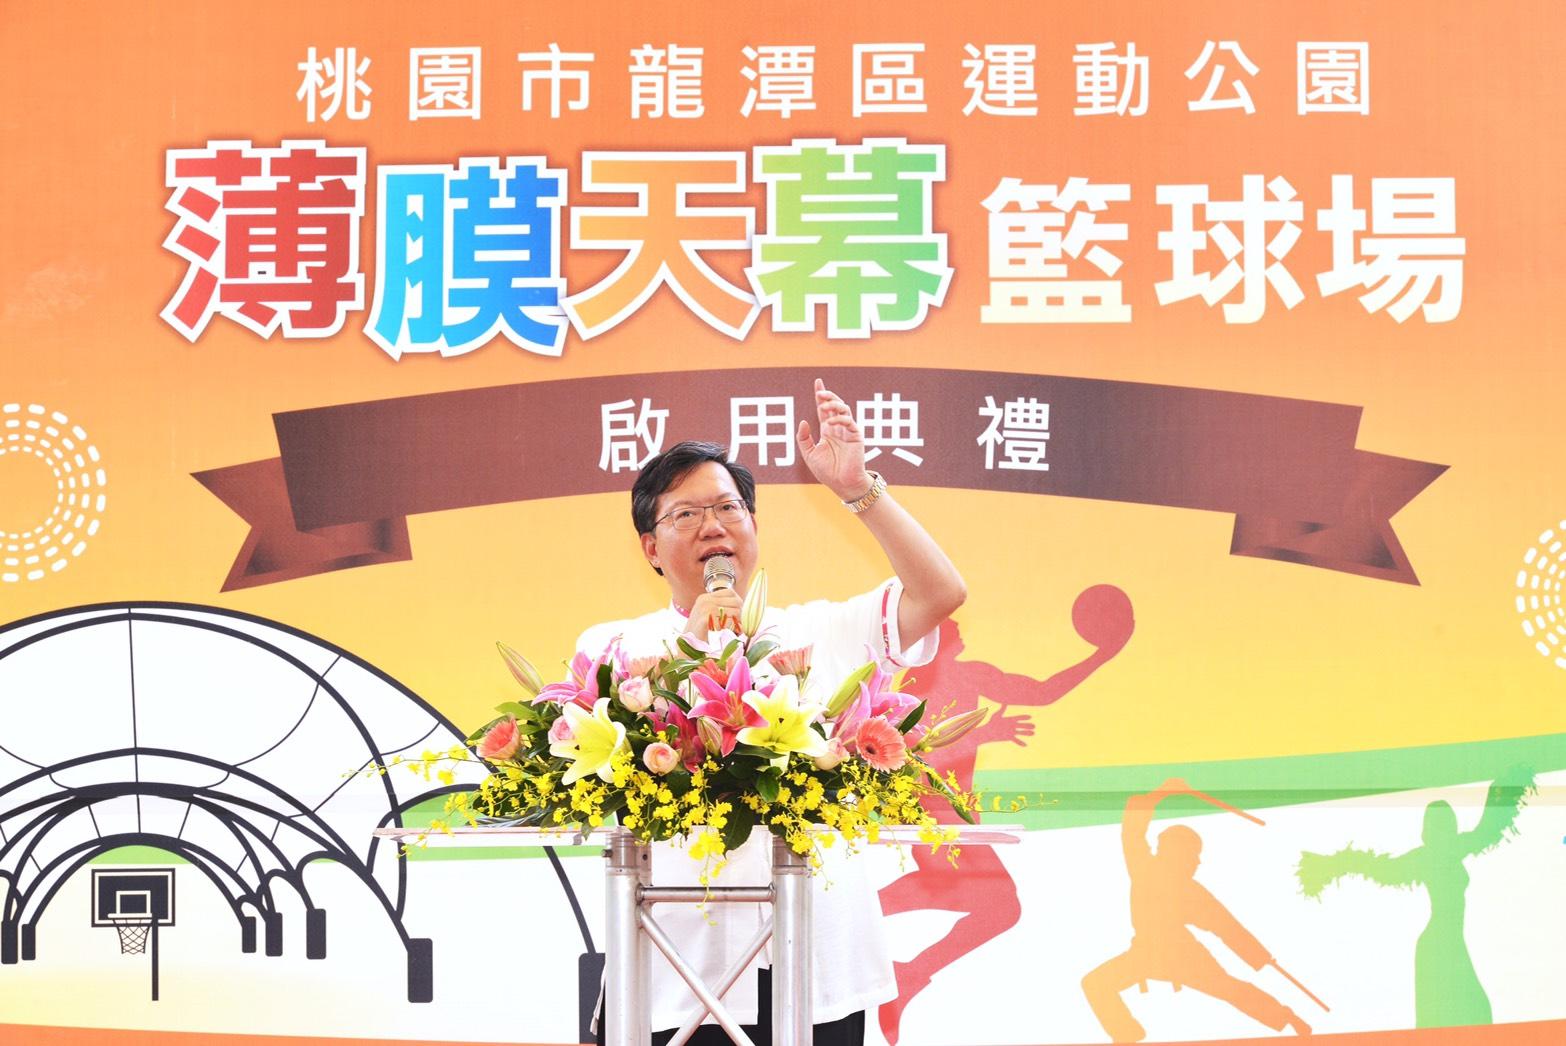 龍潭區運動公園薄膜天幕籃球場啟用